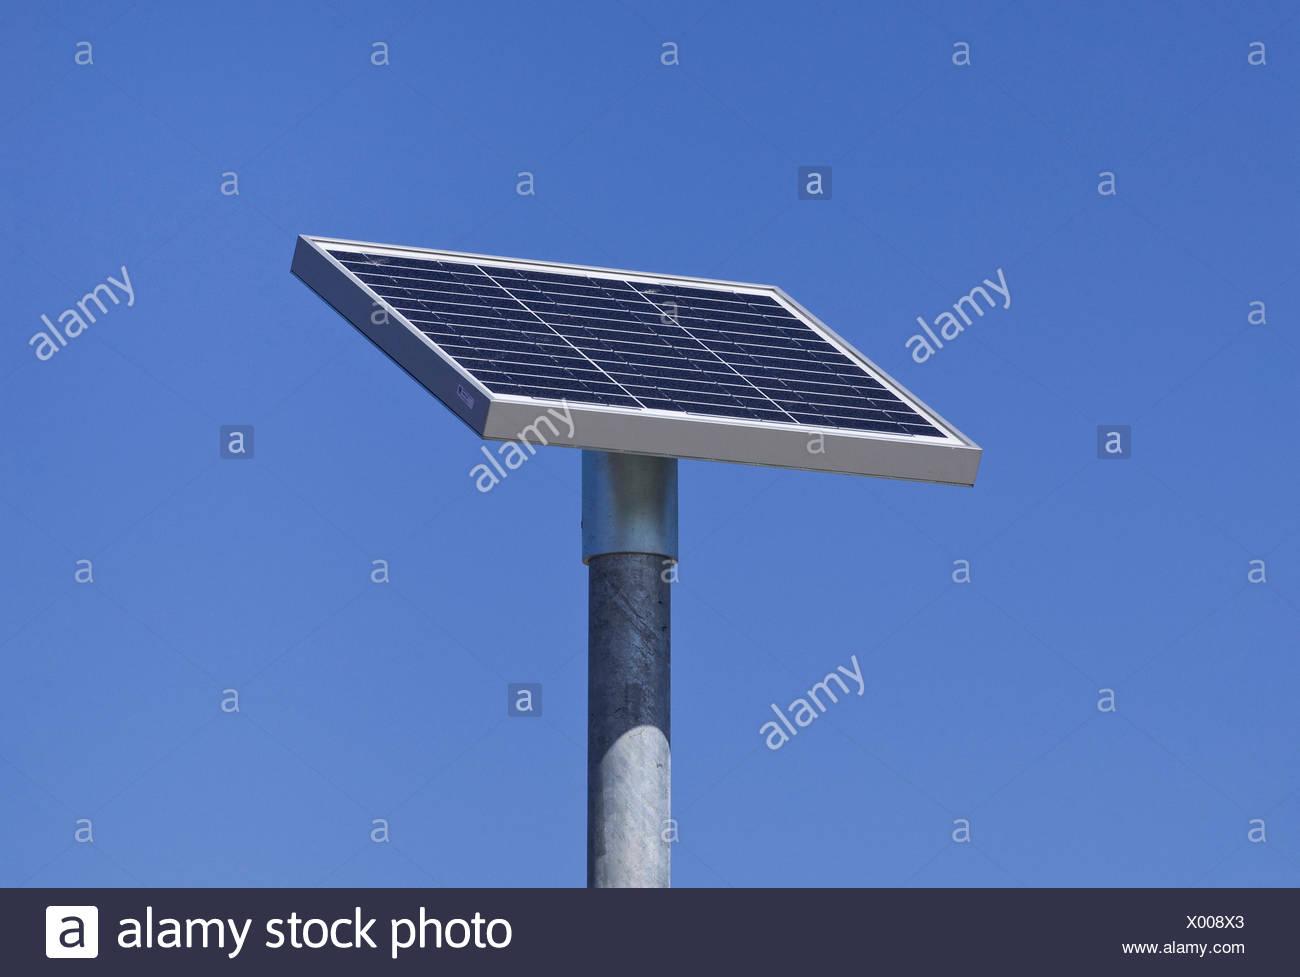 Solarzellen auf einem Mast Stockbild